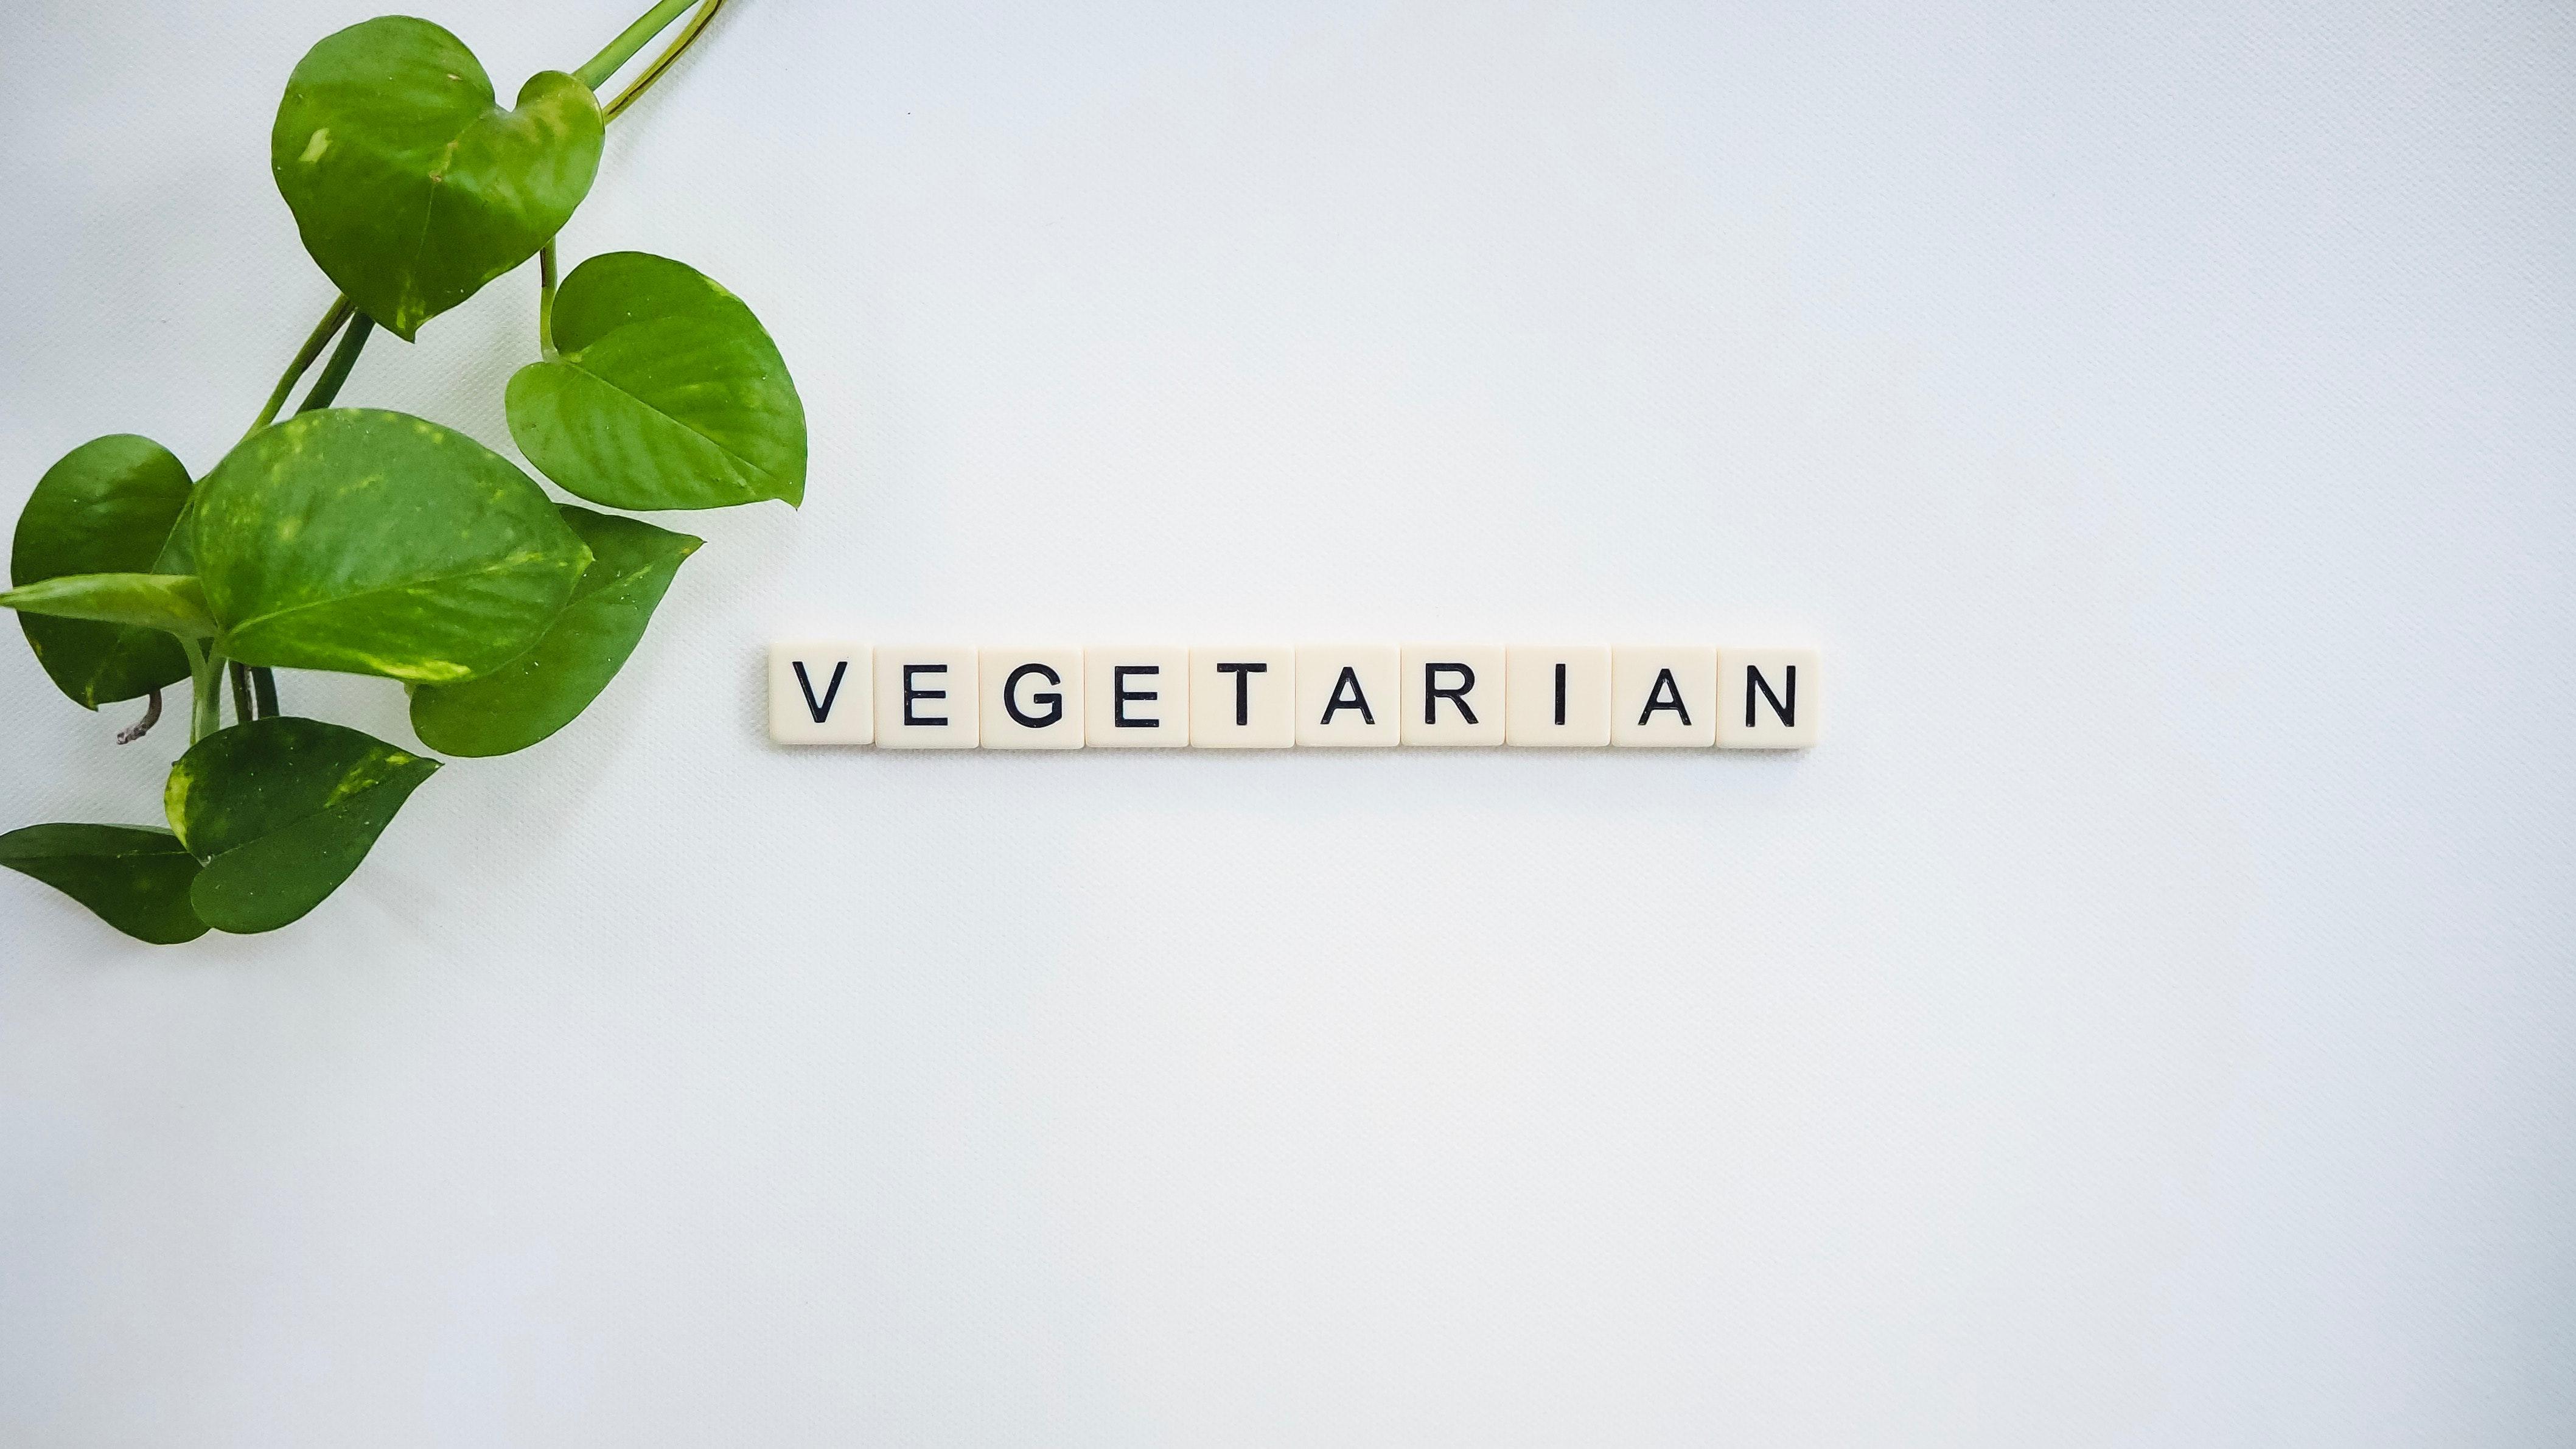 Mau Menjadi Vegan tapi Takut Kurang Gizi? Baca Dulu Tulisan Ini